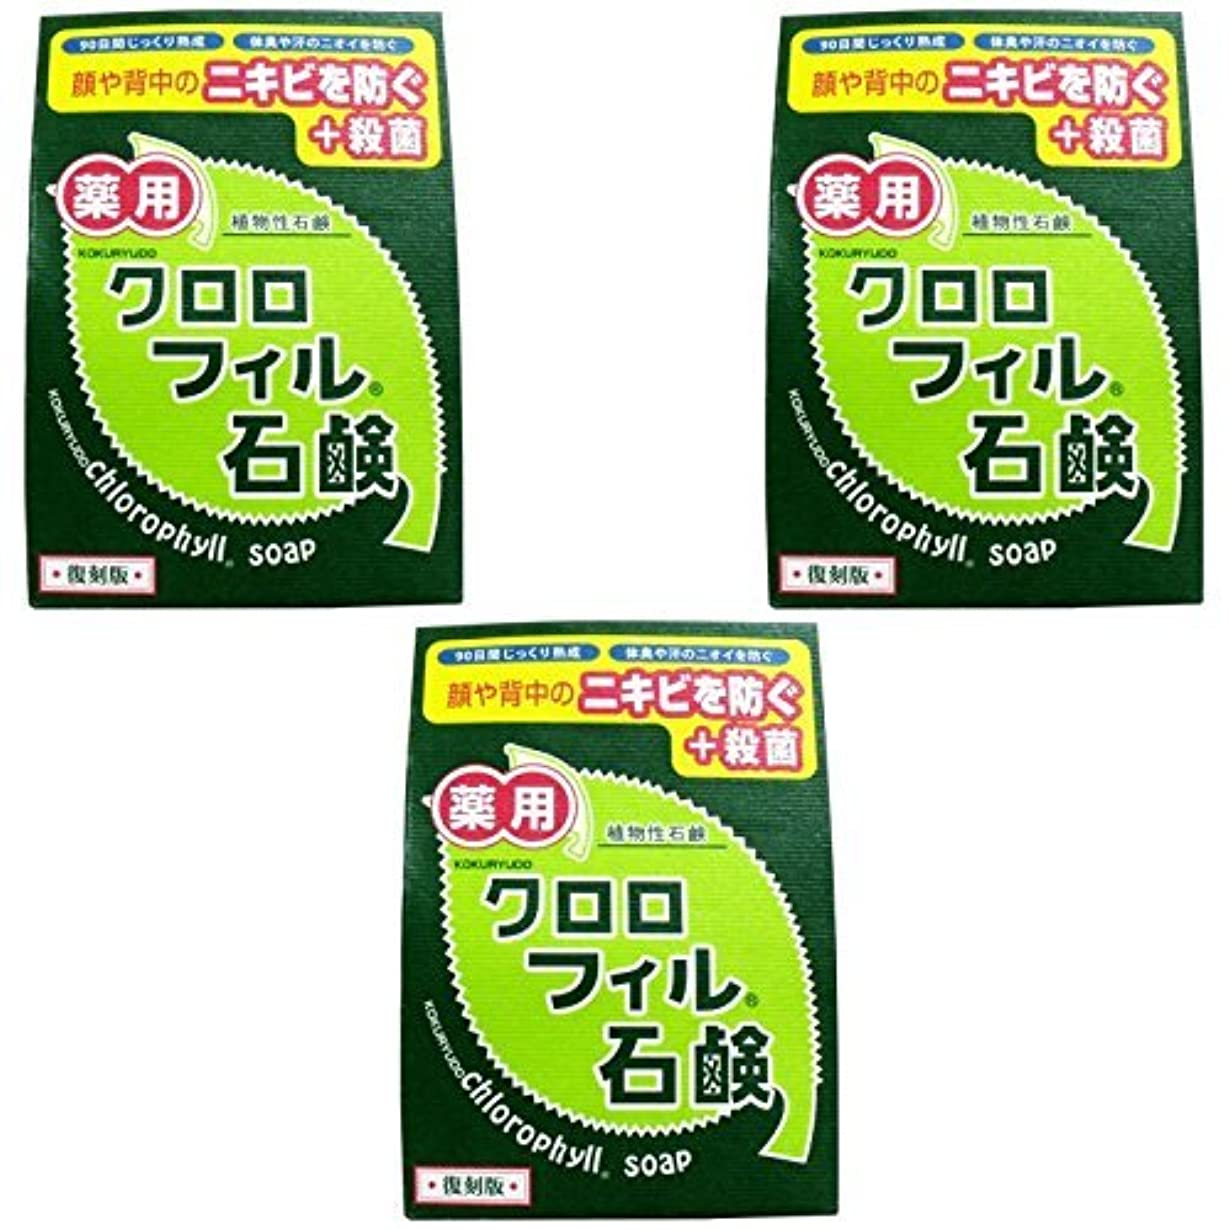 アナリスト選択付ける【まとめ買い】クロロフィル石鹸 復刻版 85g (医薬部外品)【×3個】